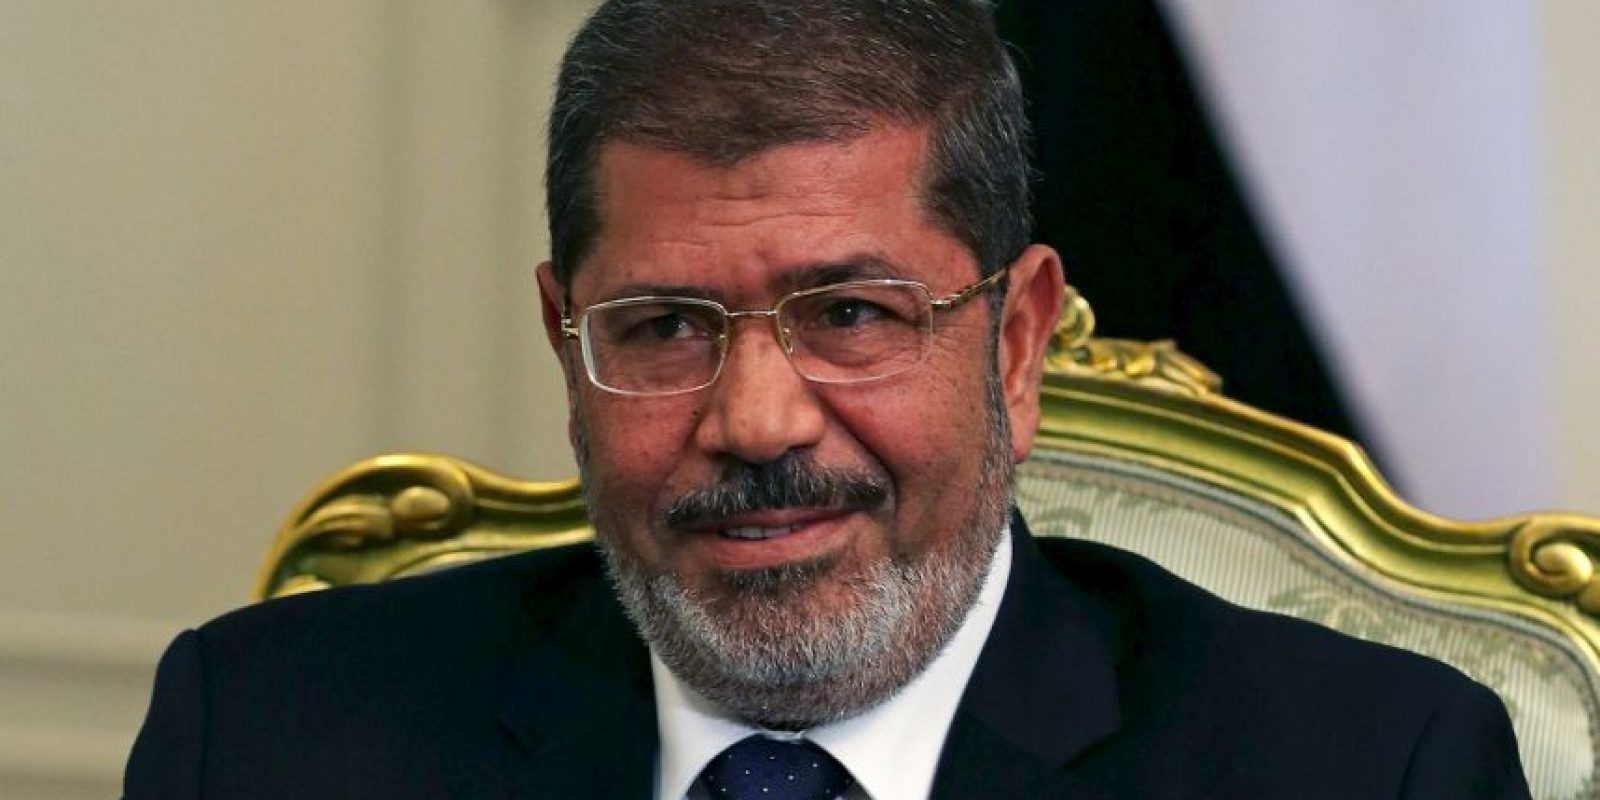 Fue el primer líder del país en ser electo y que llegó al poder un año después de la revolución egipcia de 2011. Foto:Getty Images